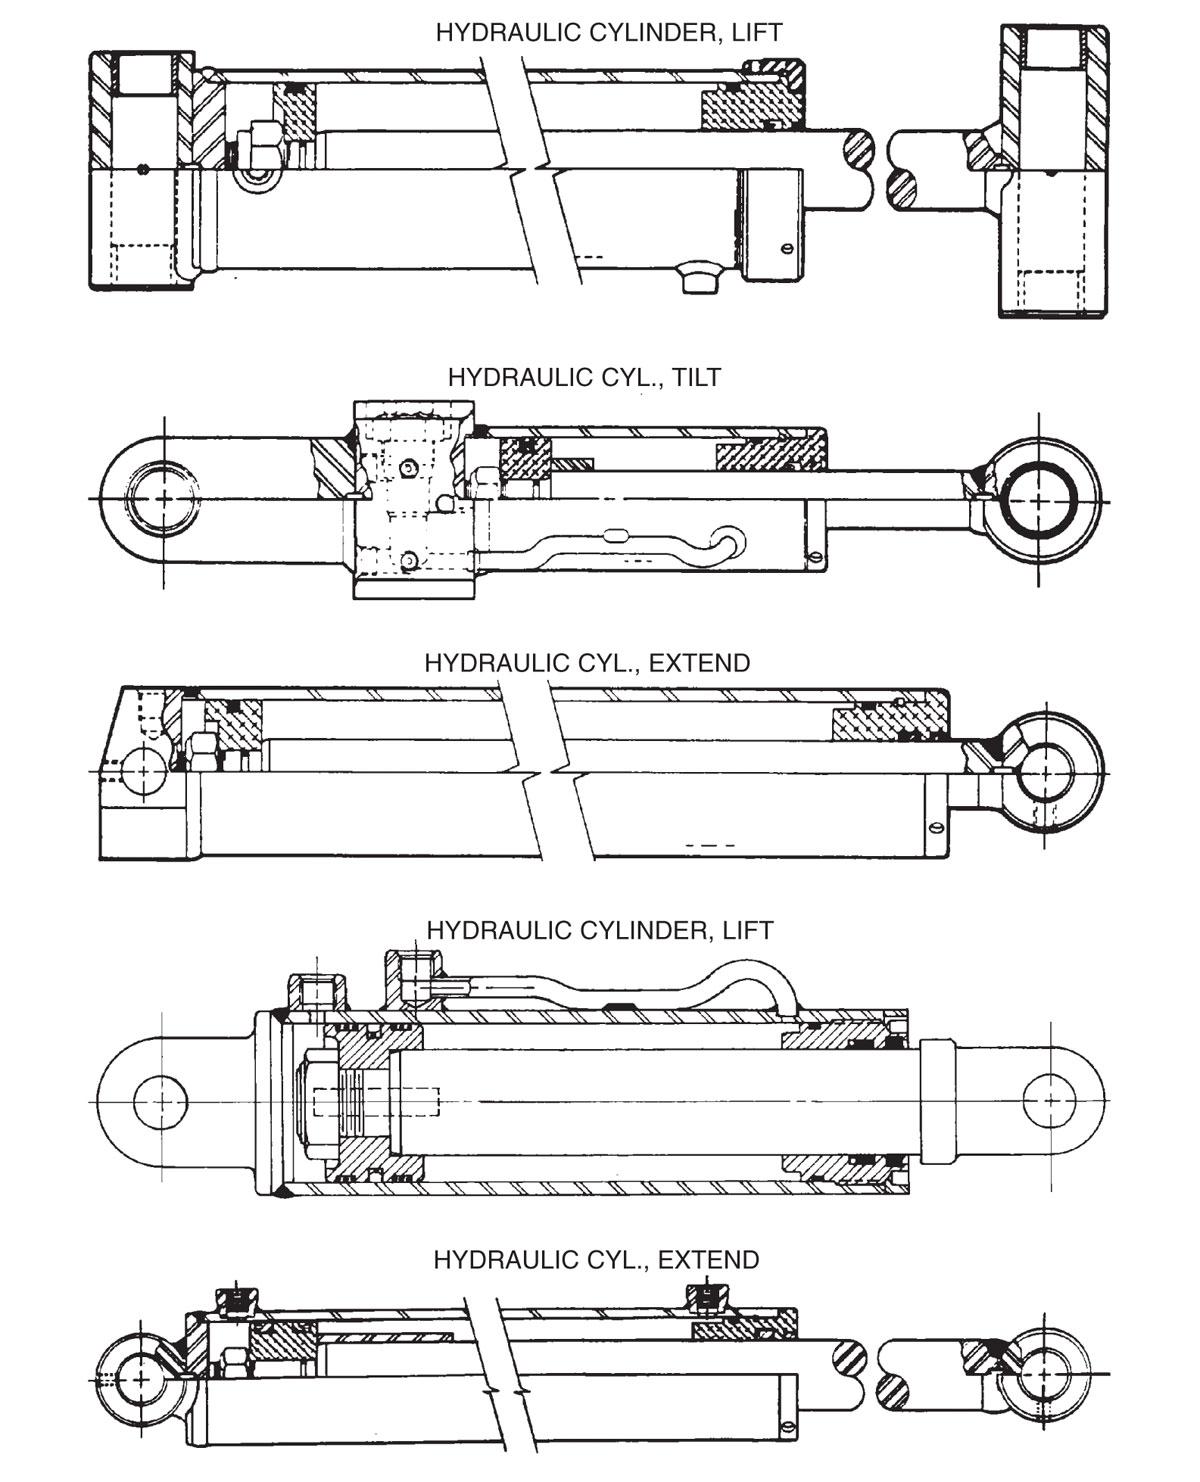 wrecker hydraulic wiring diagram wiring diagram \u2022  hydraulic cylinders wheel lift rh zips com solenoid valve wiring diagram wiring diagram for hydraulic switches